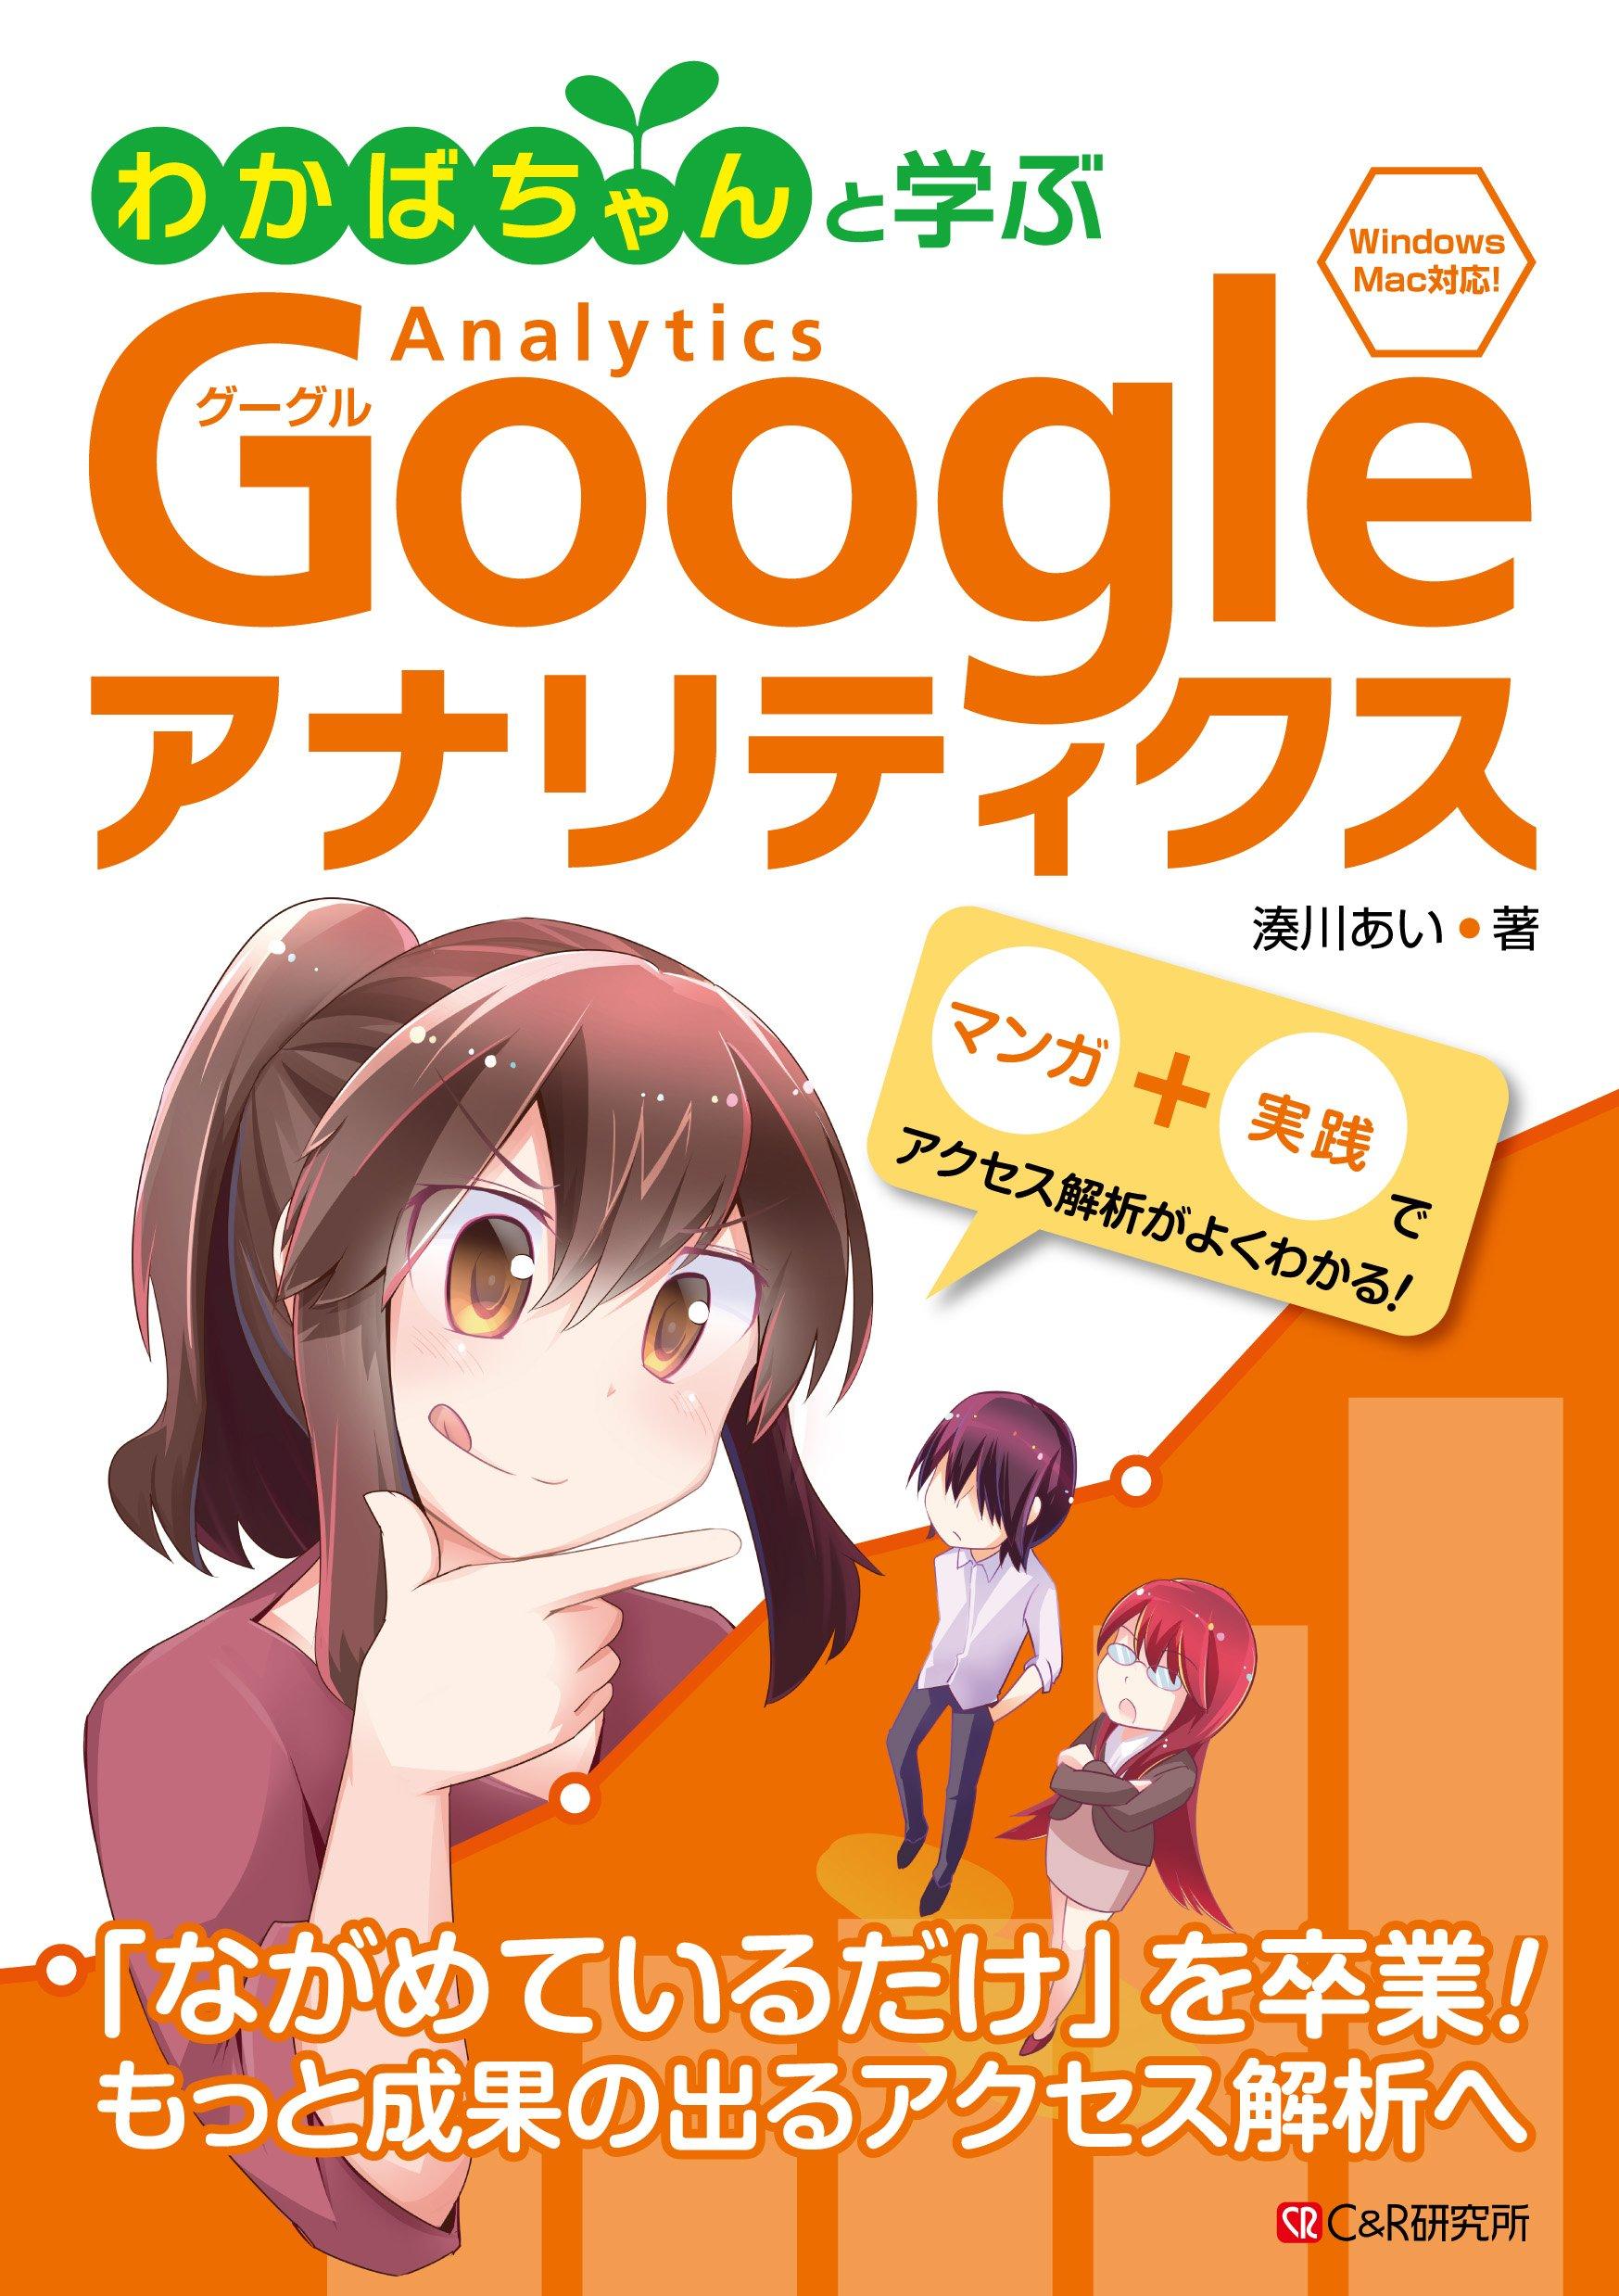 わかばちゃんと学ぶ Googleアナリティクス〈アクセス解析・Webマーケティング入門〉:湊川 あい (著)